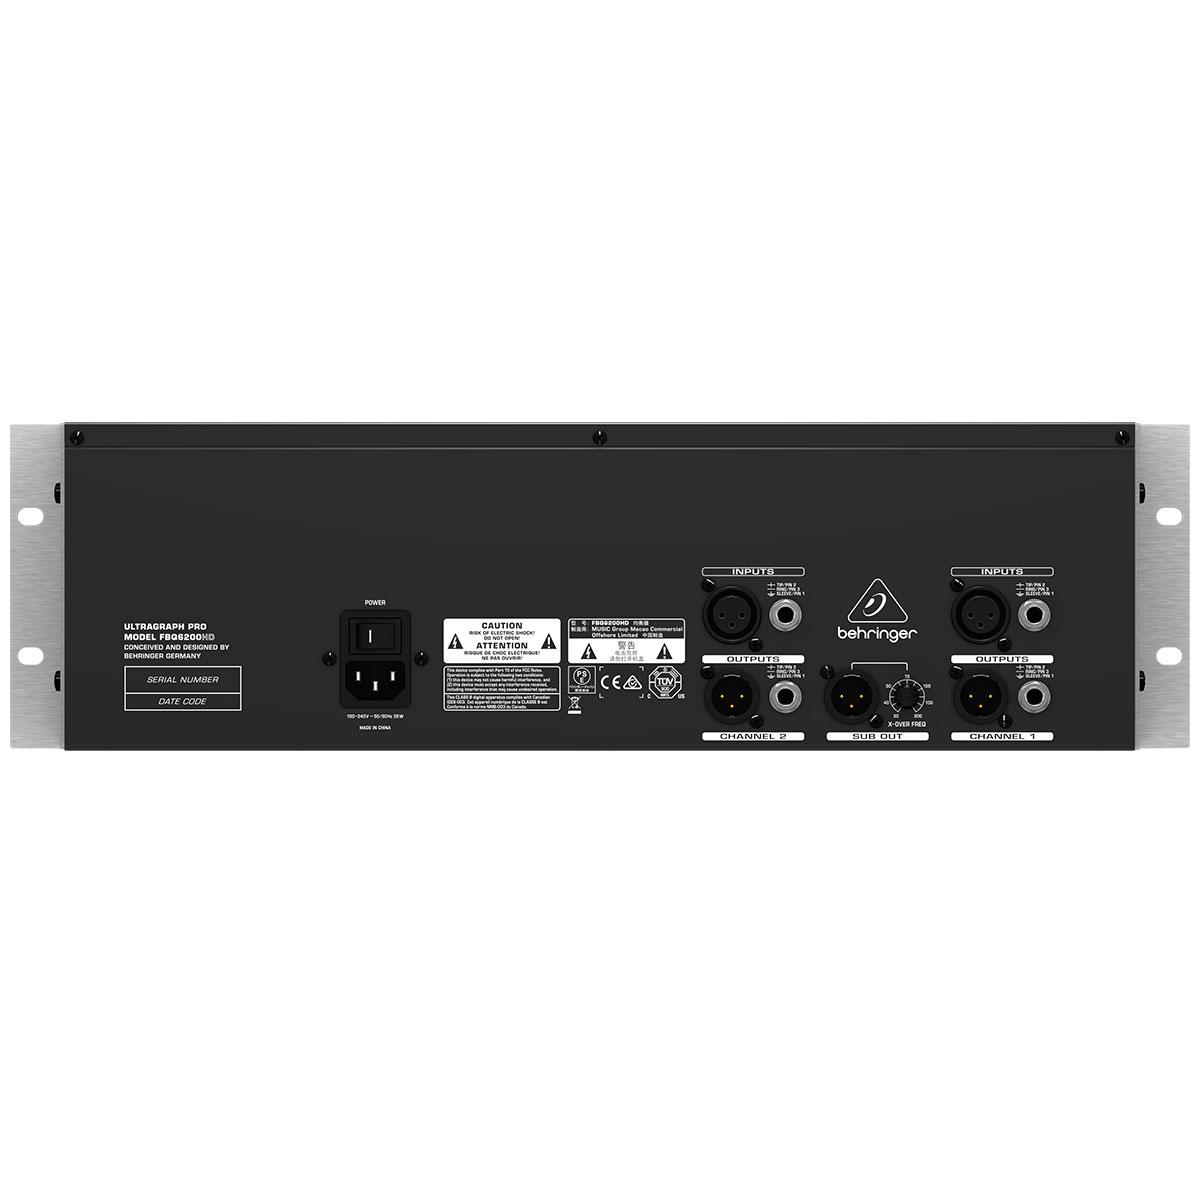 FBQ6200HD - Equalizador Gráfico 31 Bandas Ultragraph PRO FBQ 6200 HD - Behringer